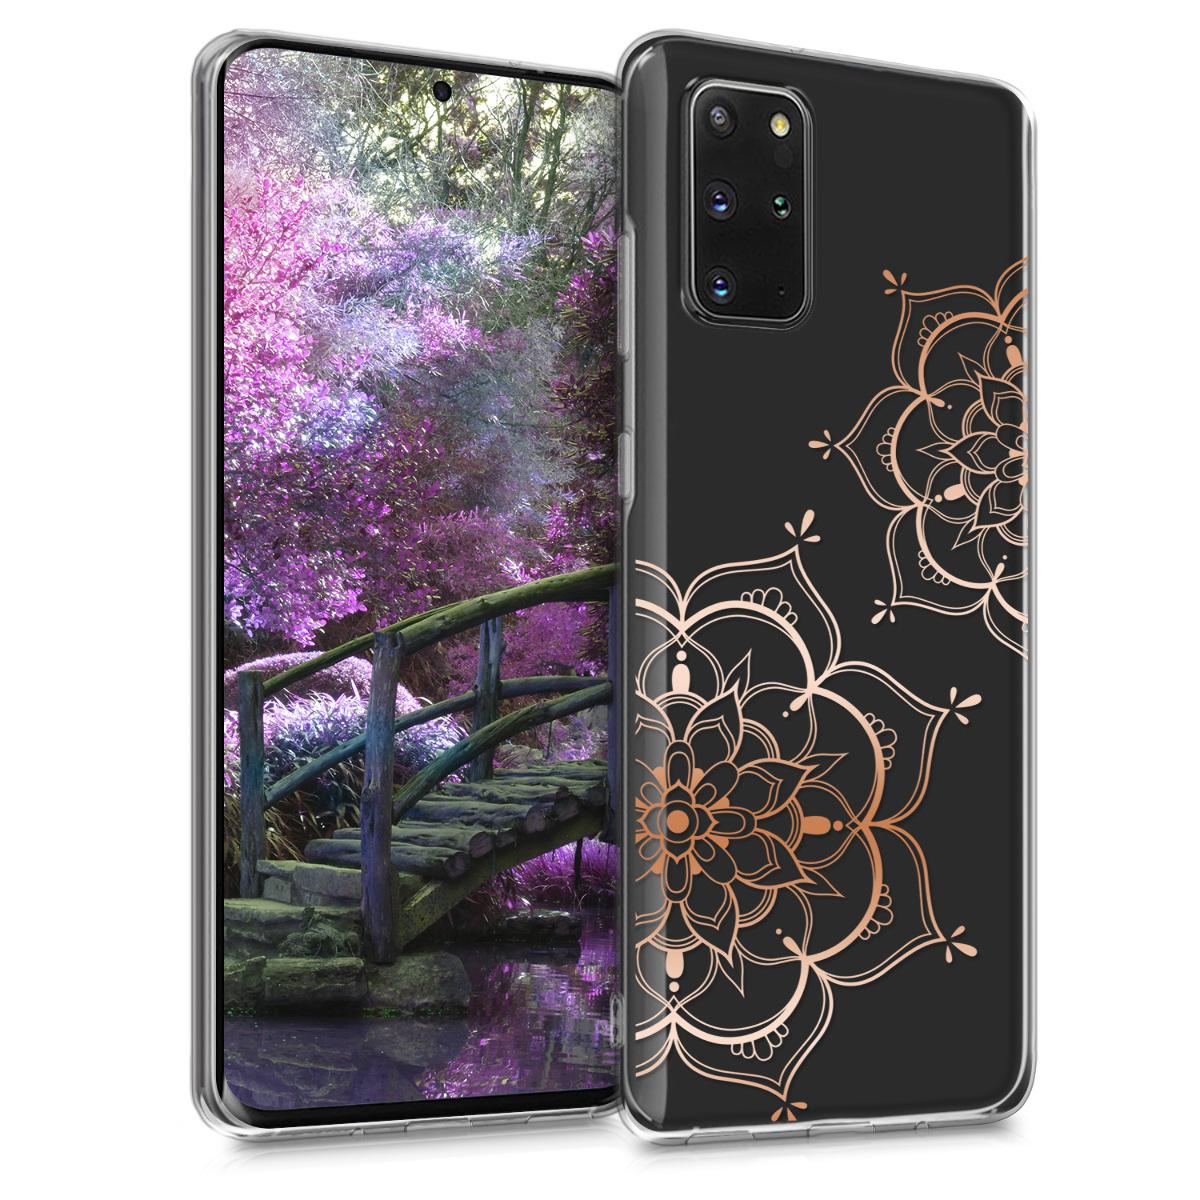 Silikonové pouzdro / obal s motivem zlatorůžových květů pro Samsung S20 Plus